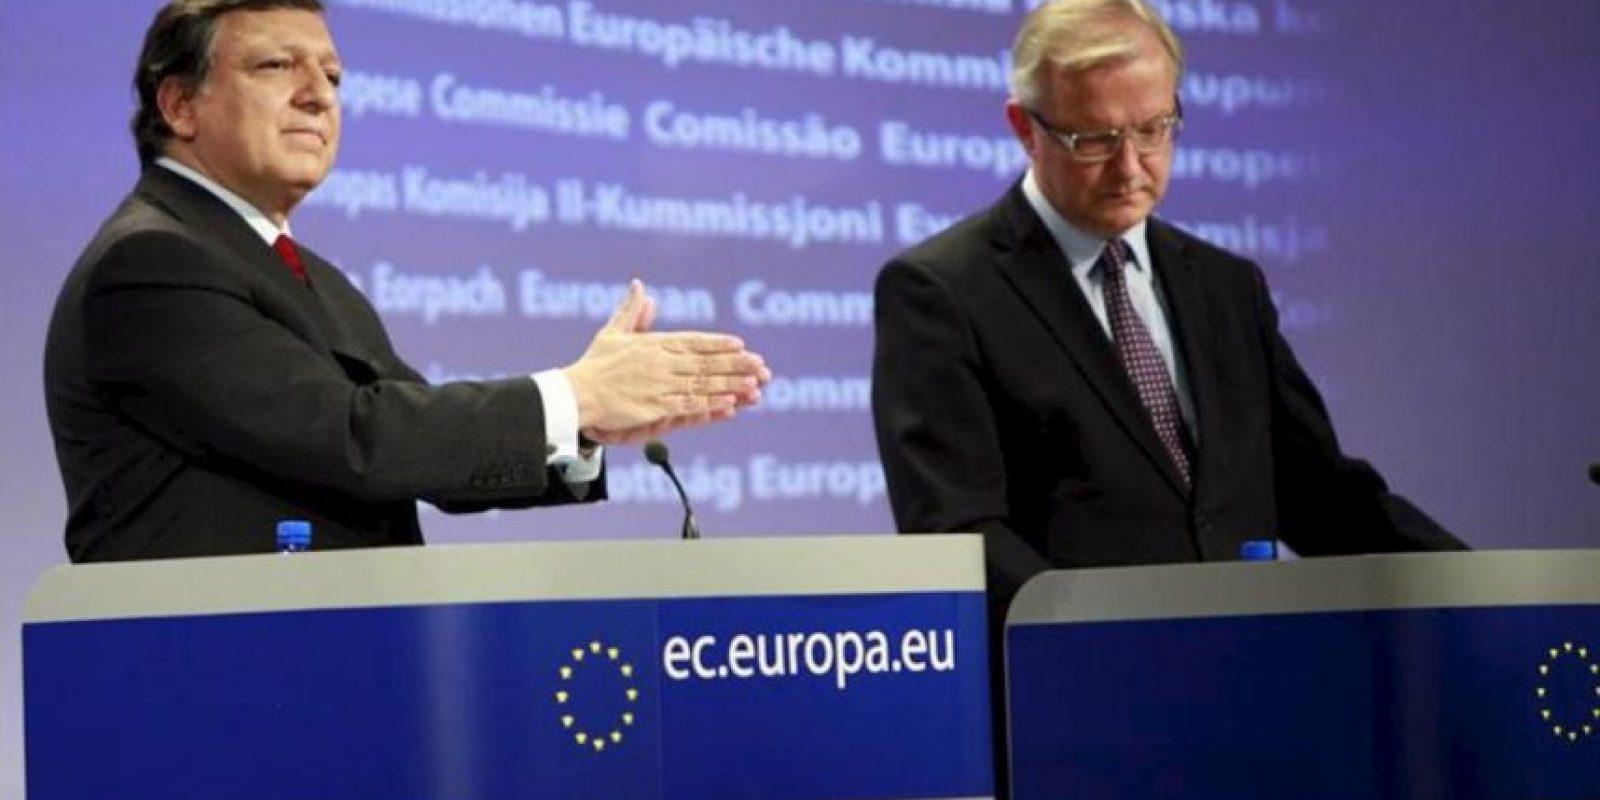 El presidente de la Comisión Europea, Jose Manuel Durao Barroso (i), y el comisario europeo de Asuntos Económicos y Monetarios, Olli Rehn, durante la rueda de prensa celebrada en Bruselas (Bélgica). EFE/Archivo